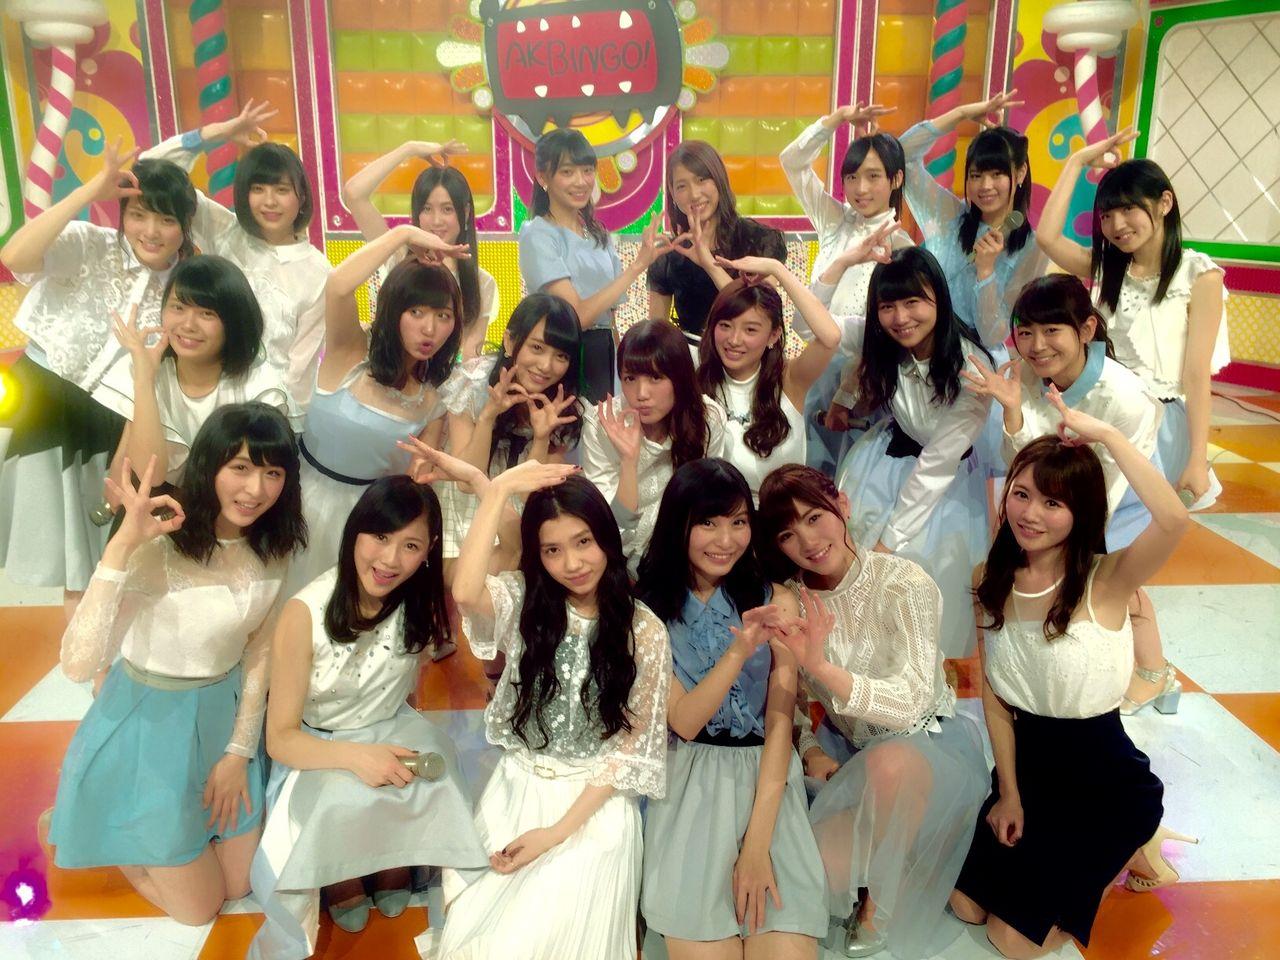 加藤玲奈が君はメロディーのセンターwwwww : AKB48まとめ 48年戦爭